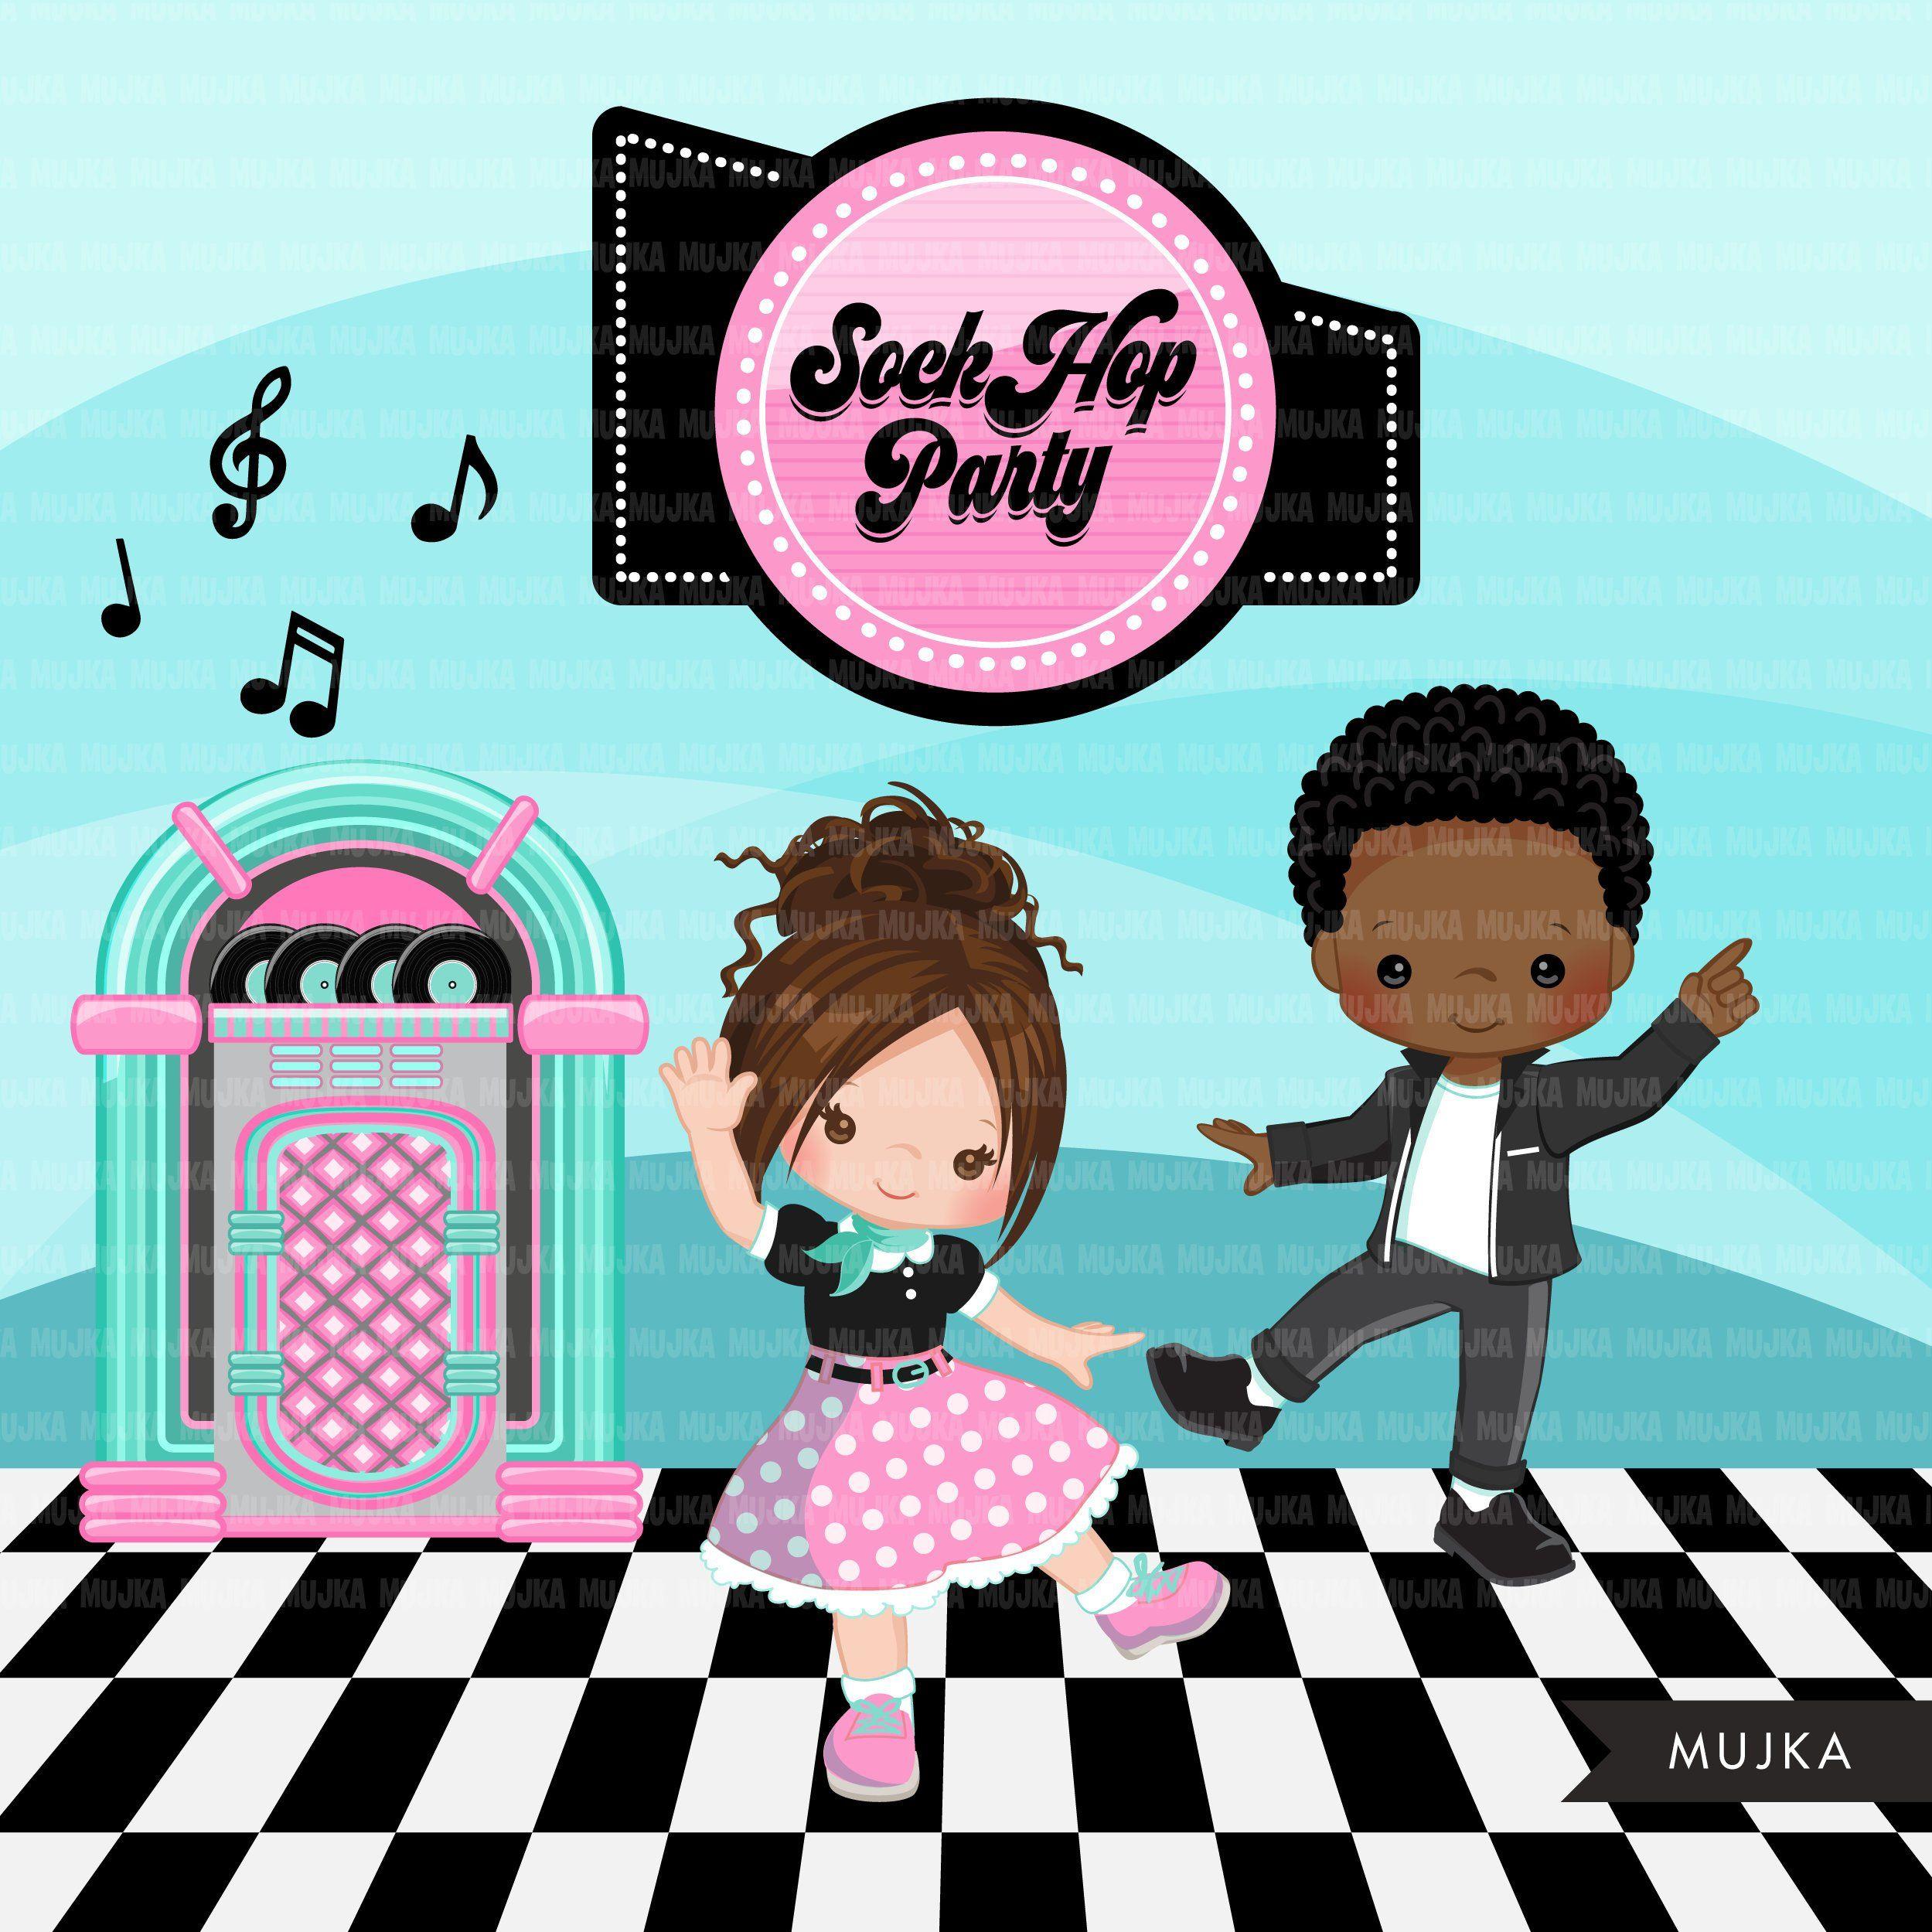 medium resolution of sock hop party clipart 50 s retro diner jukebox etsy